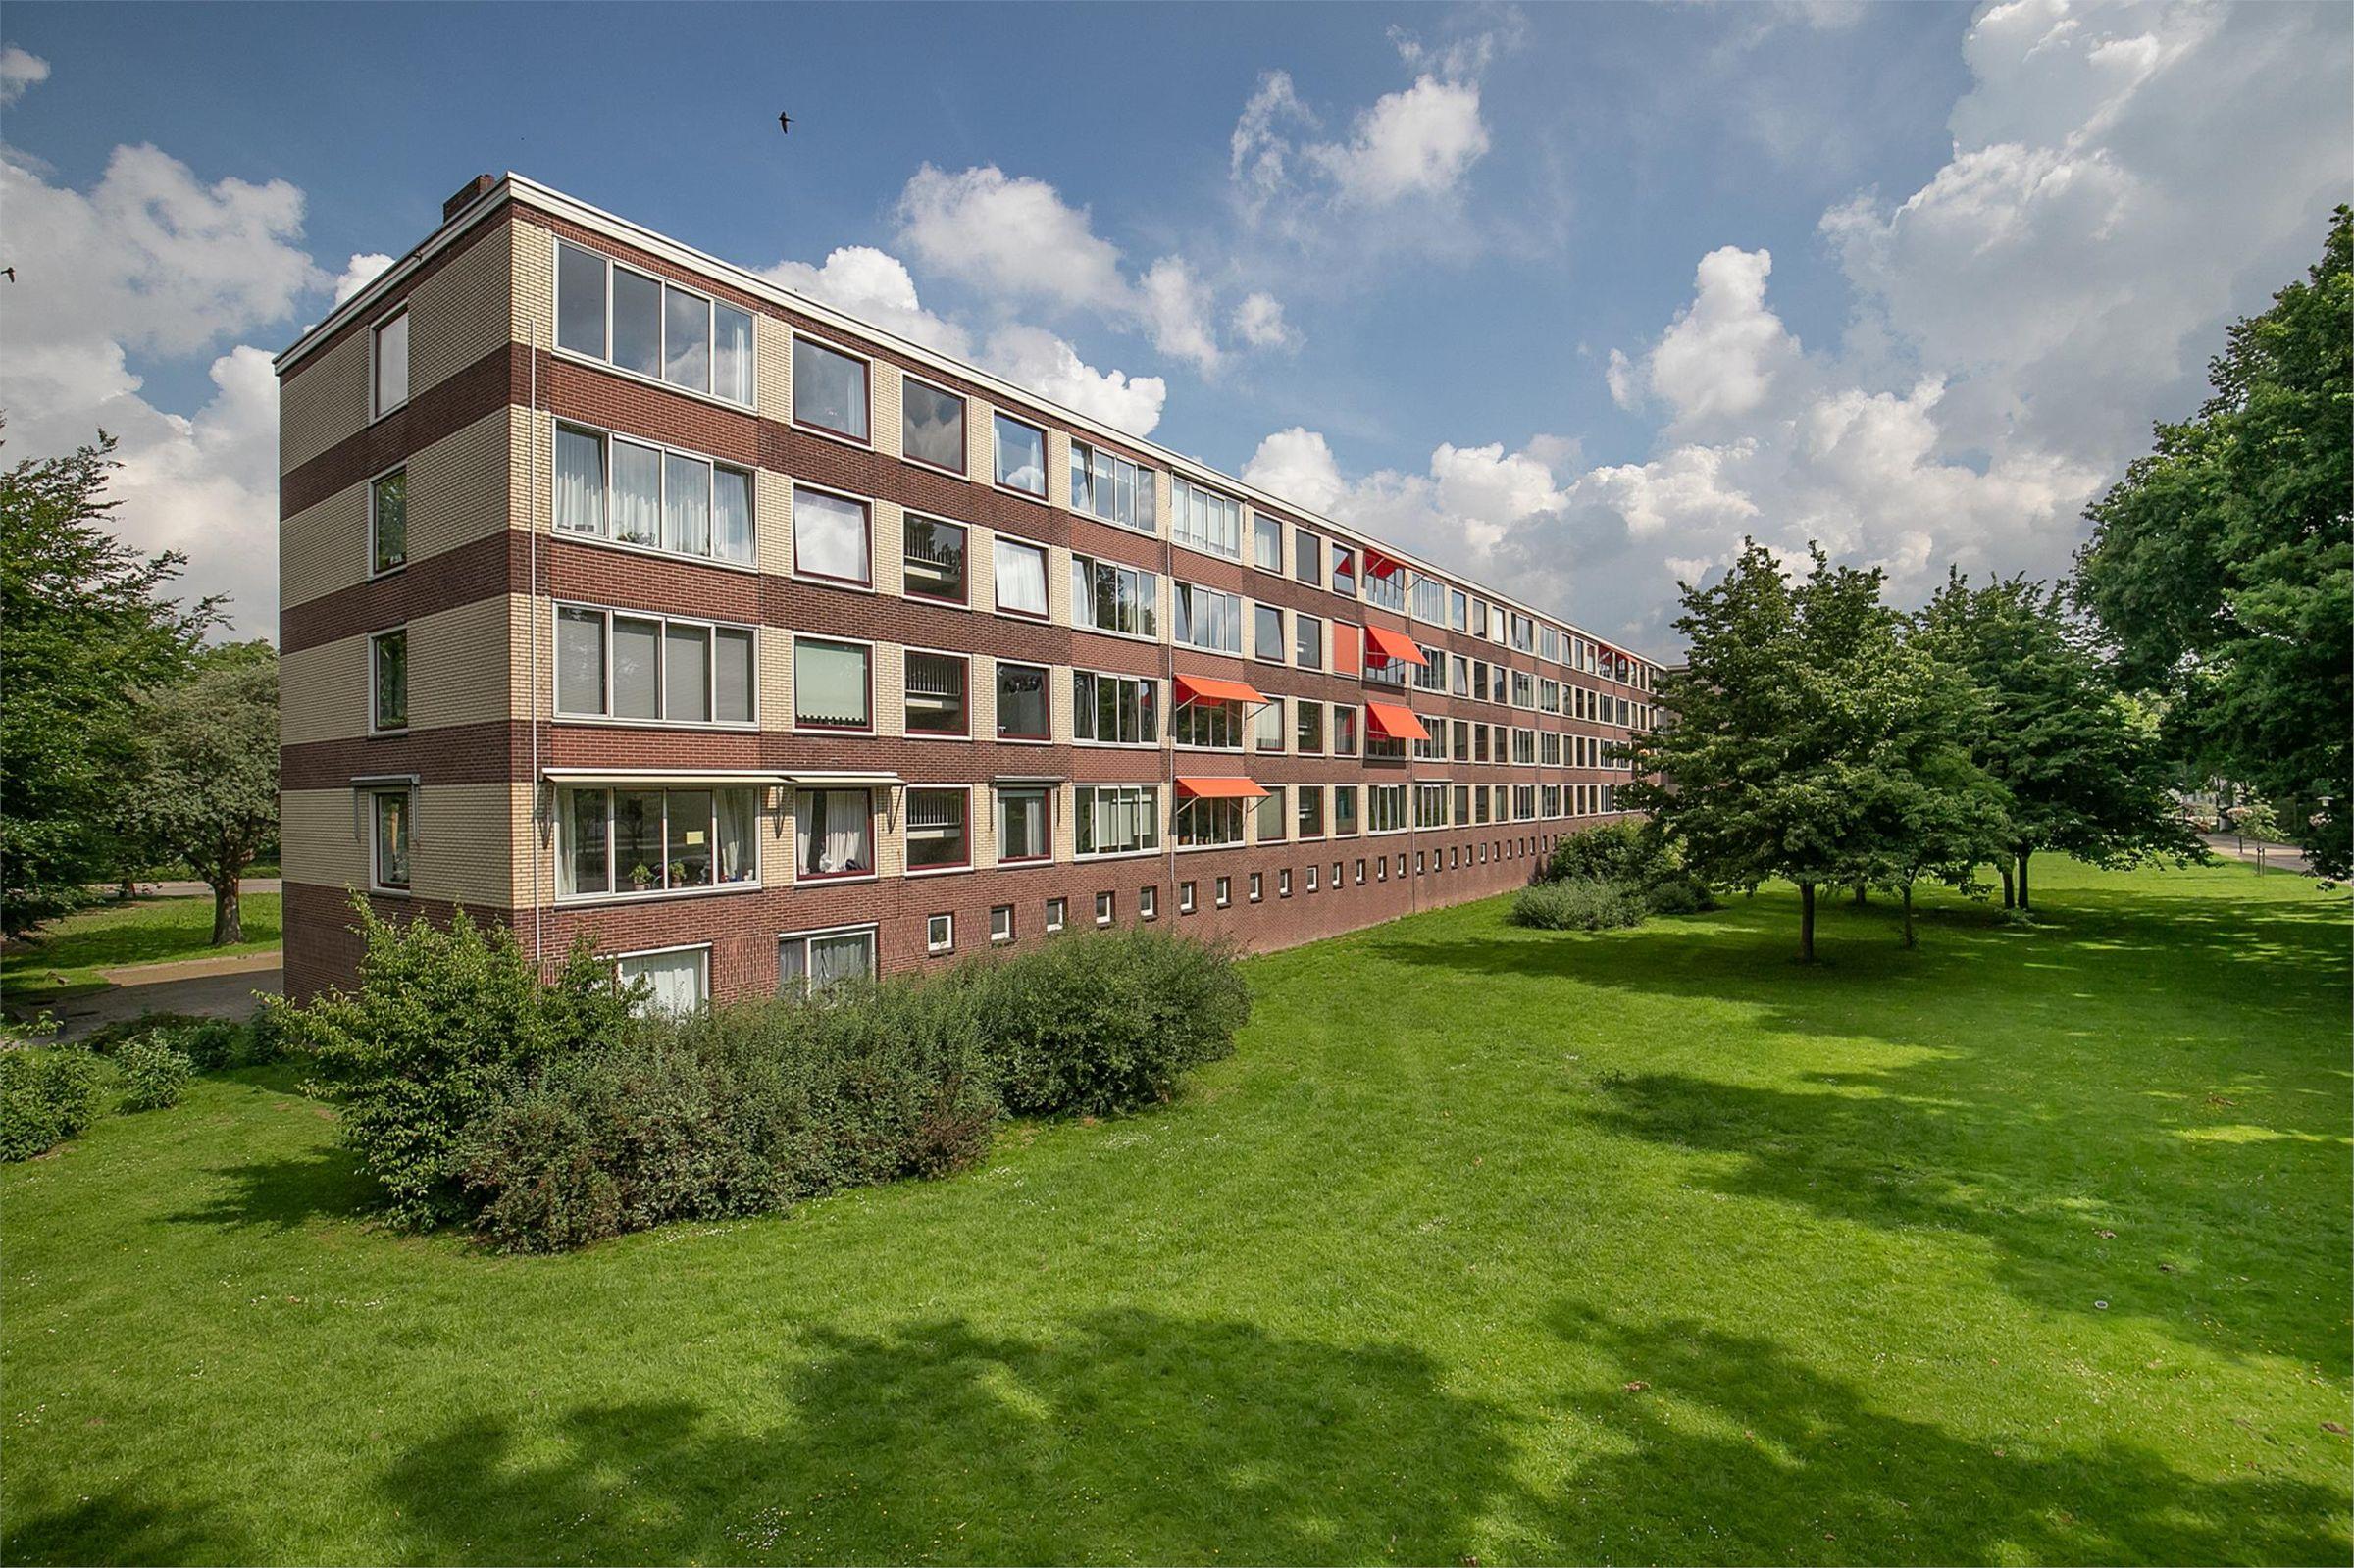 Deliuslaan 58, Utrecht